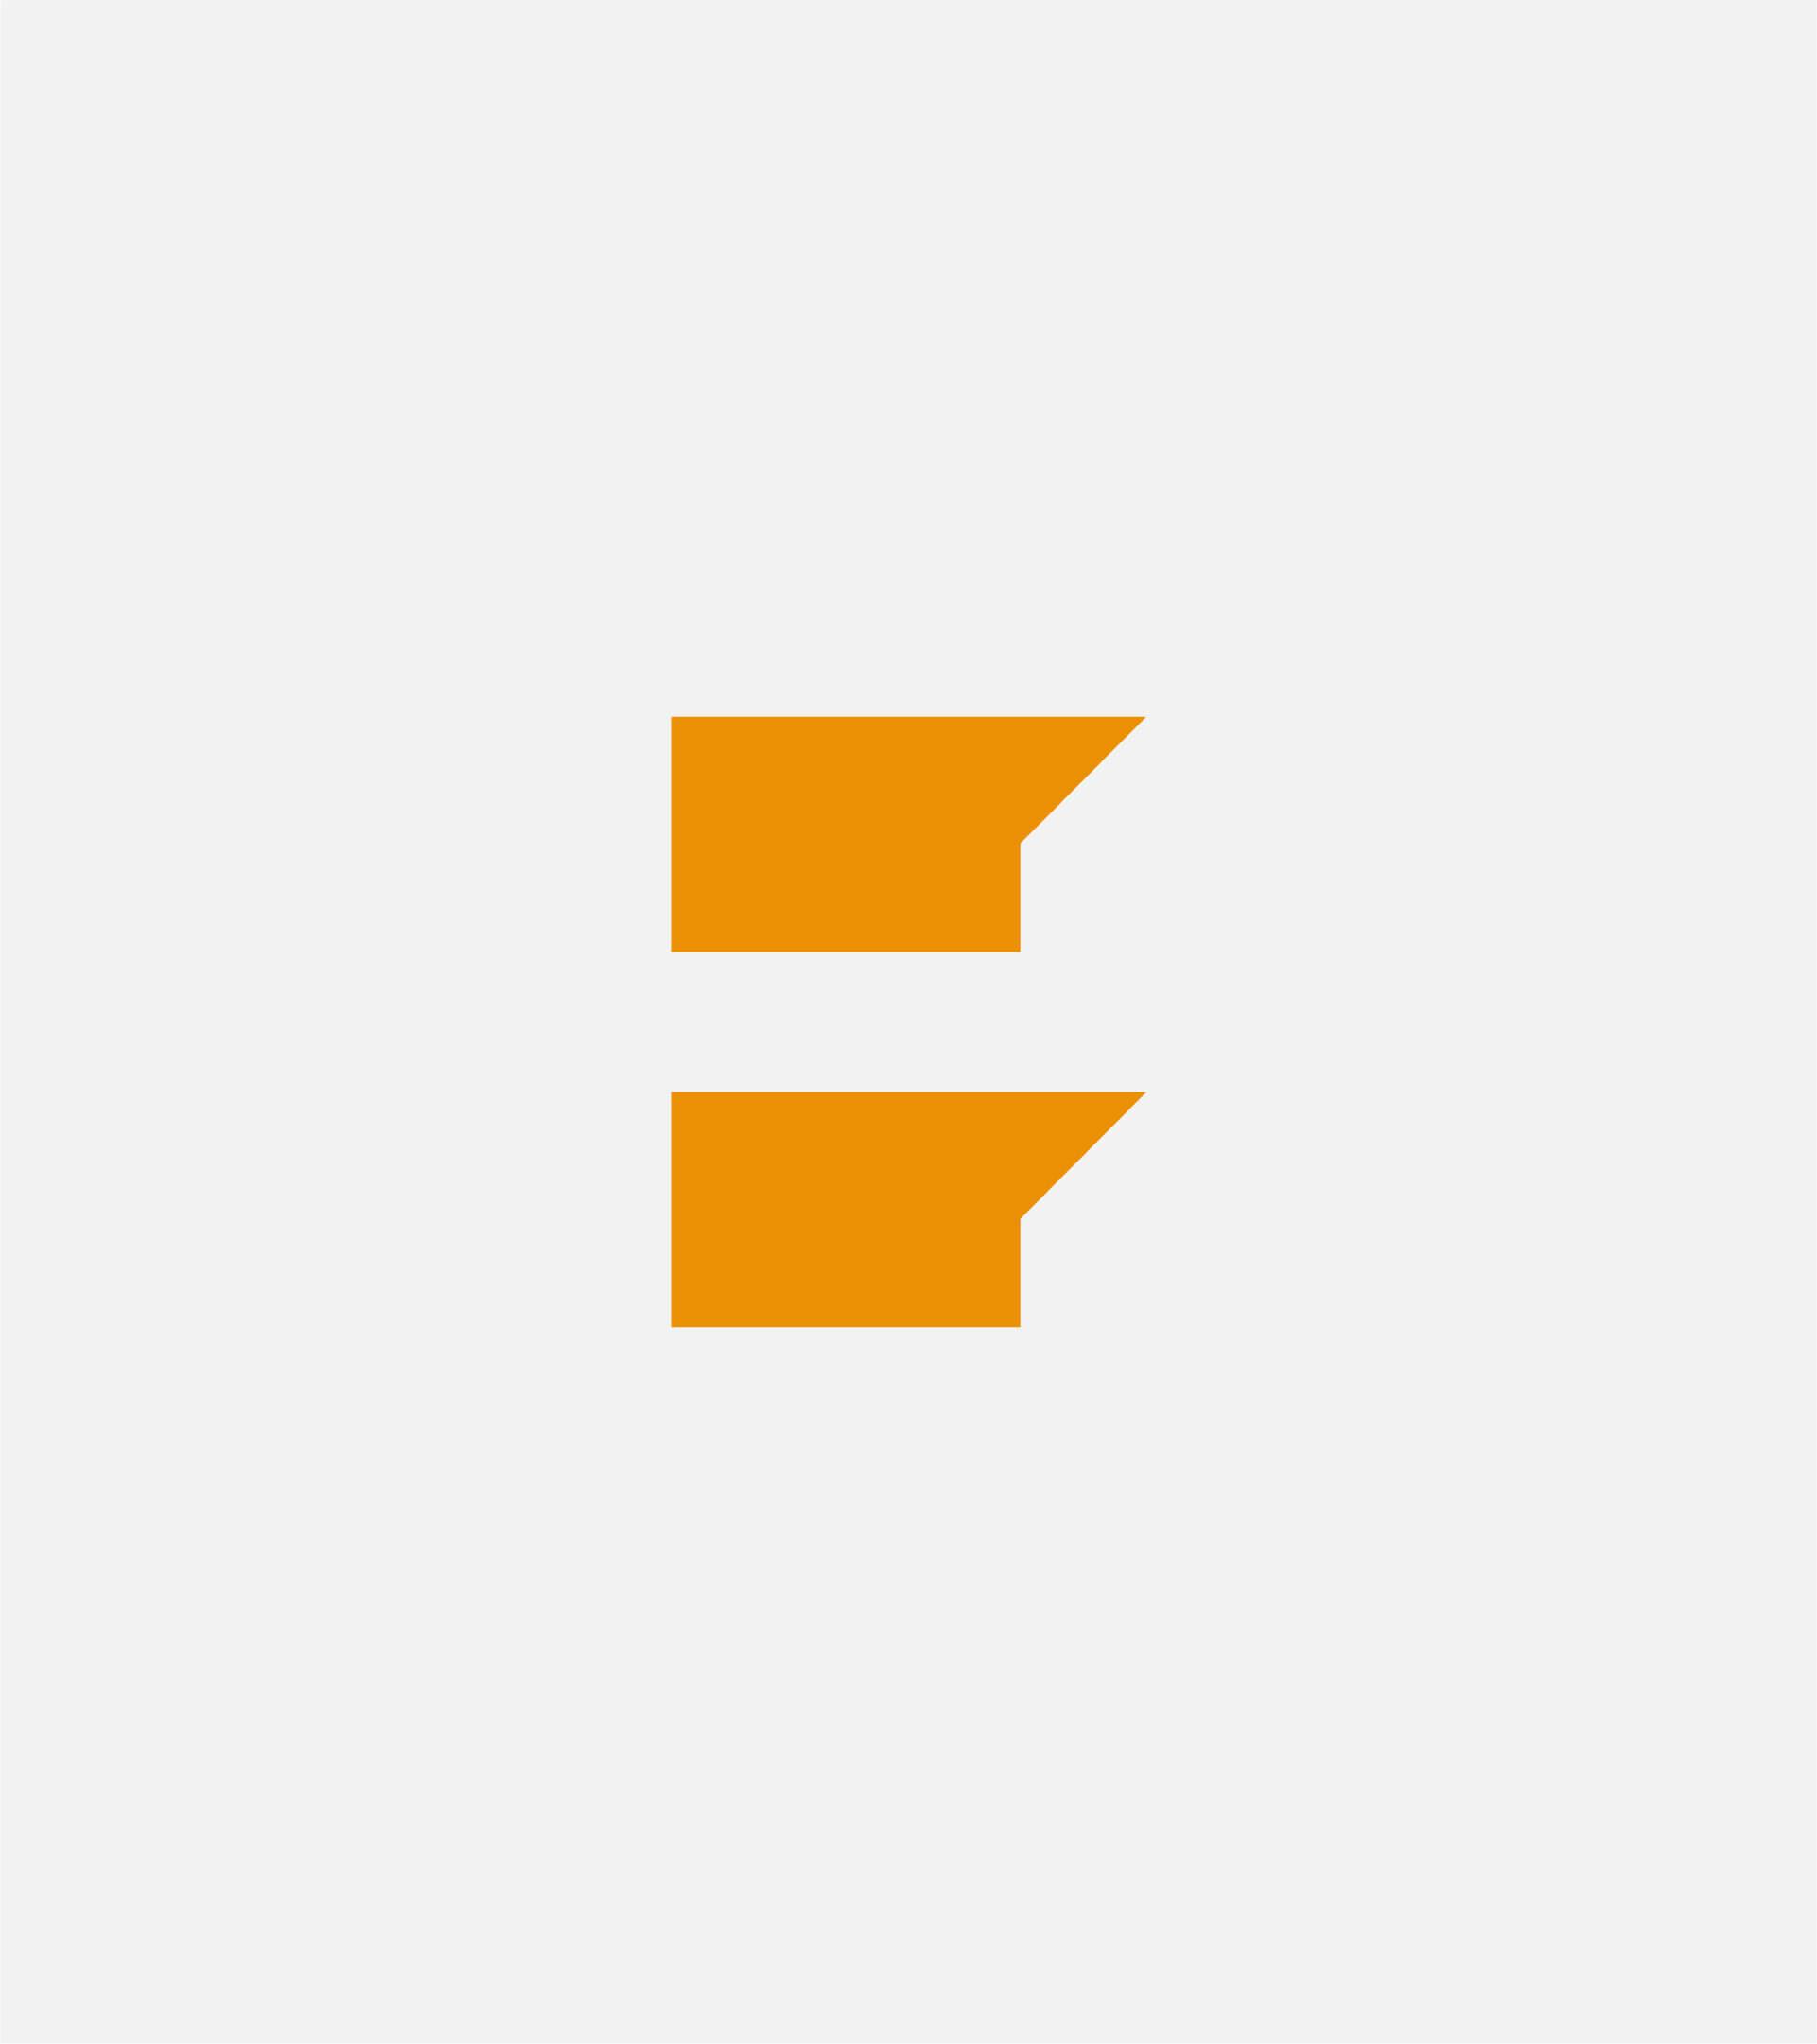 Symbole du logo suggestion